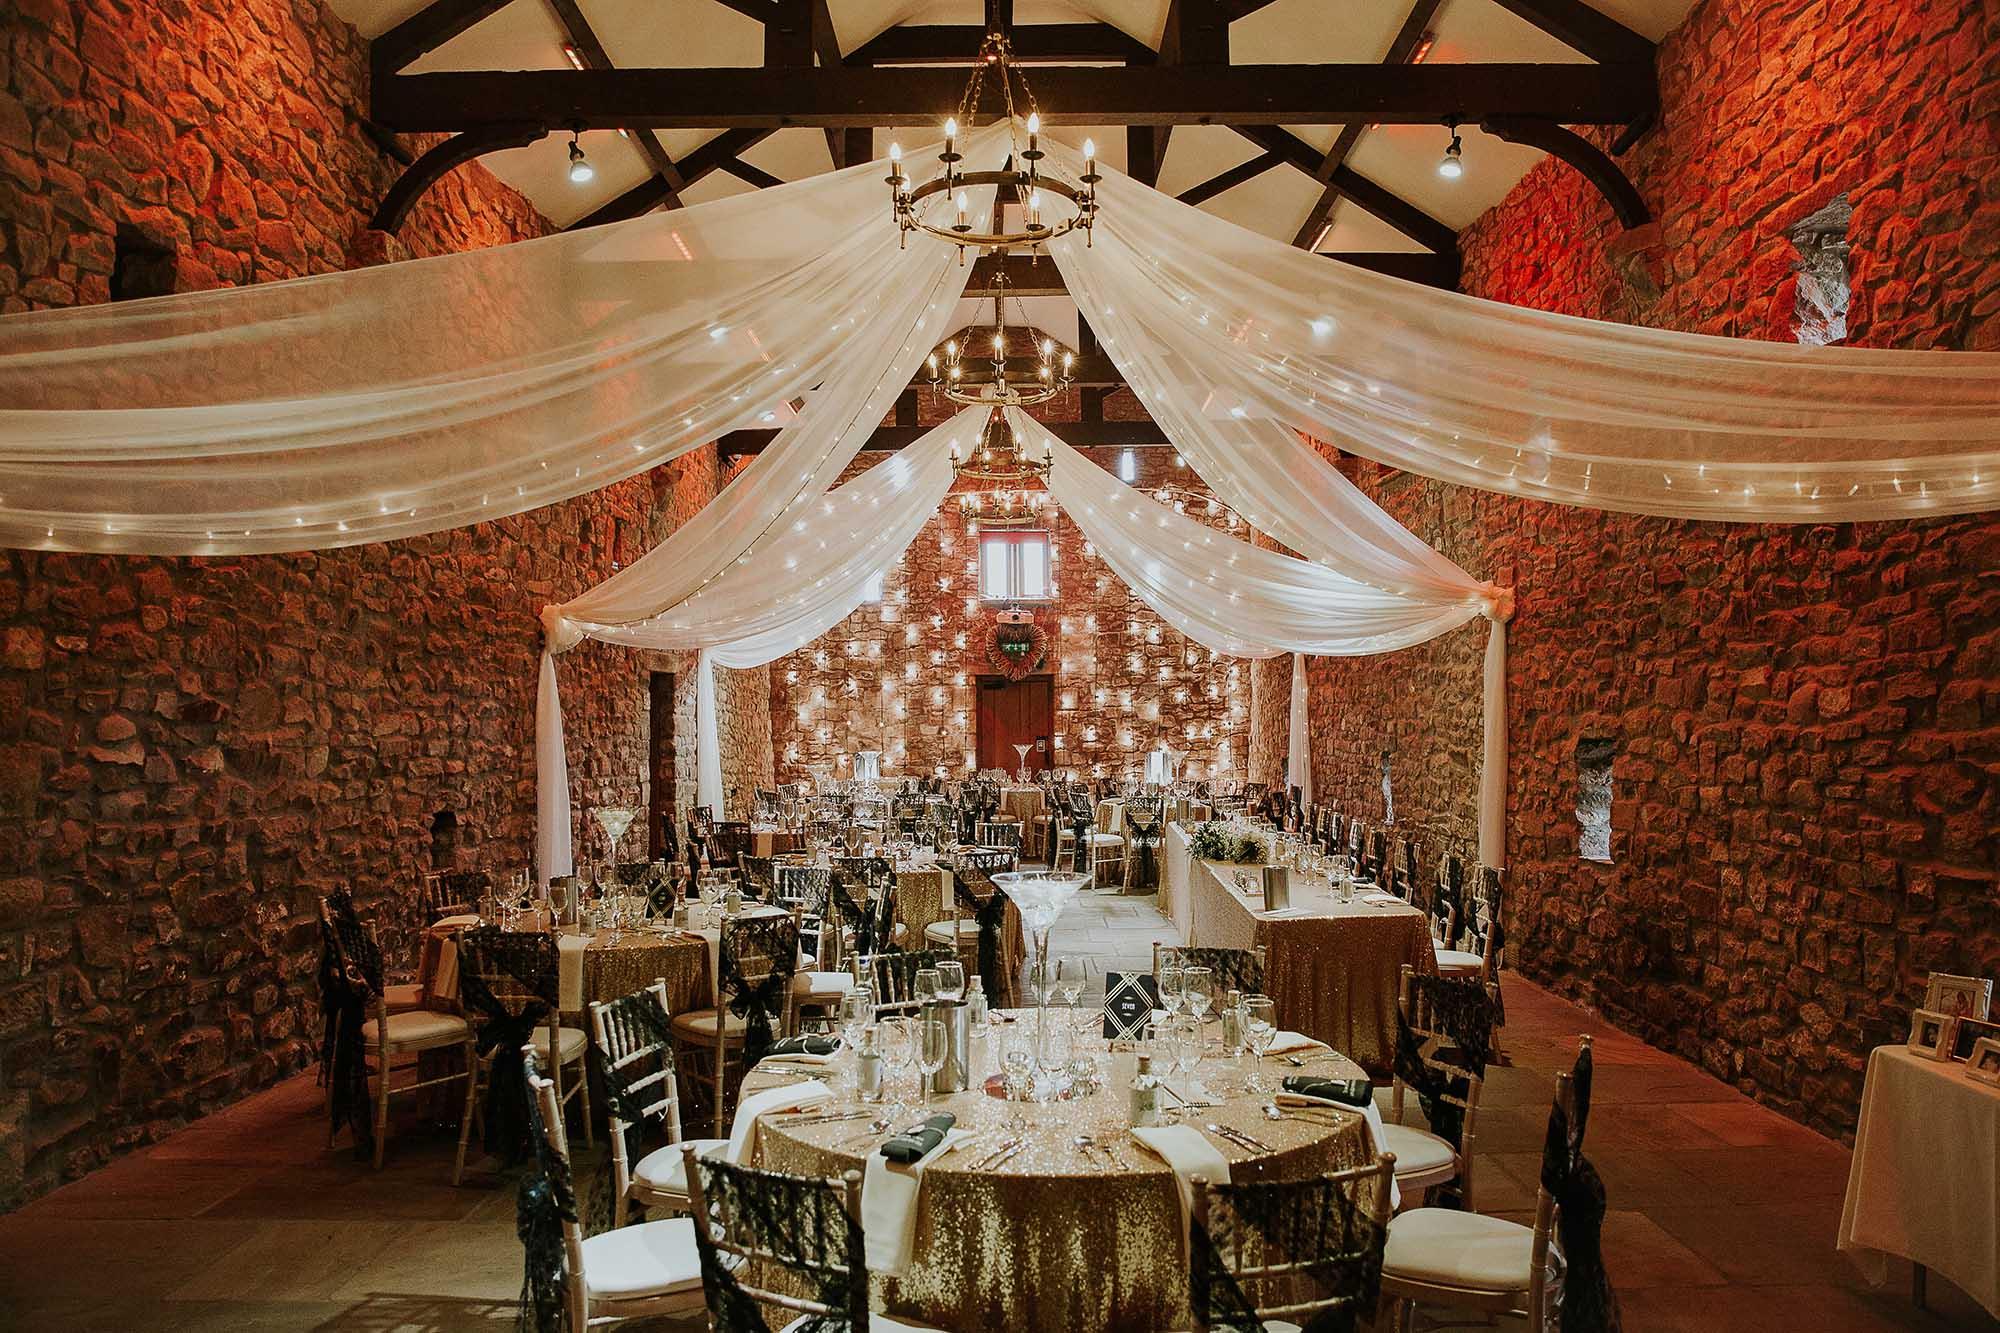 Browsholme Hall and Tithe Barn inside